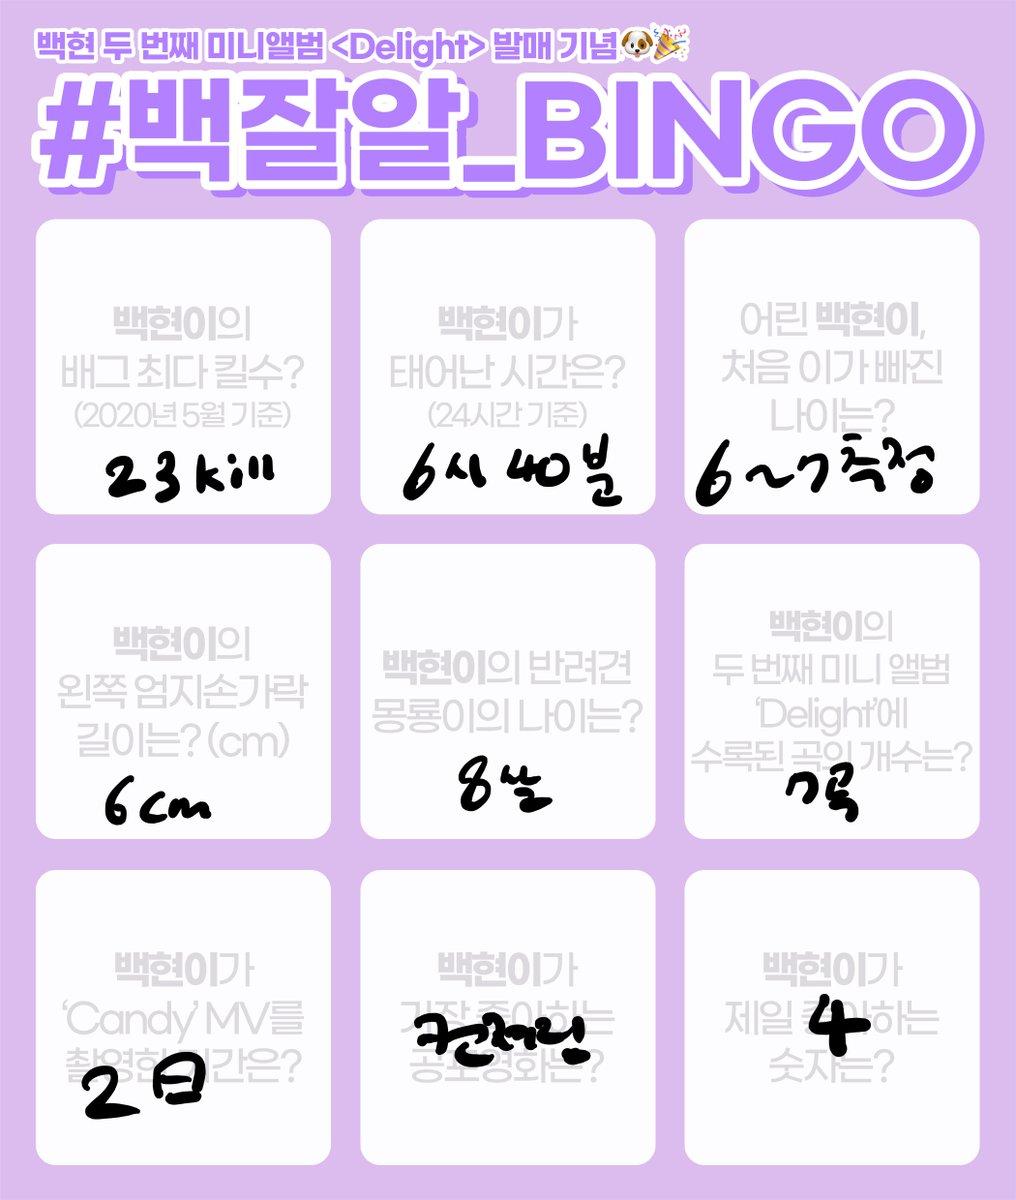 #백현 #BAEKHYUN #엑소 #EXO #weareoneEXO #Delight #Candy #BAEKHYUN_Candy #큥이_에리_기가막힌_케미스트리